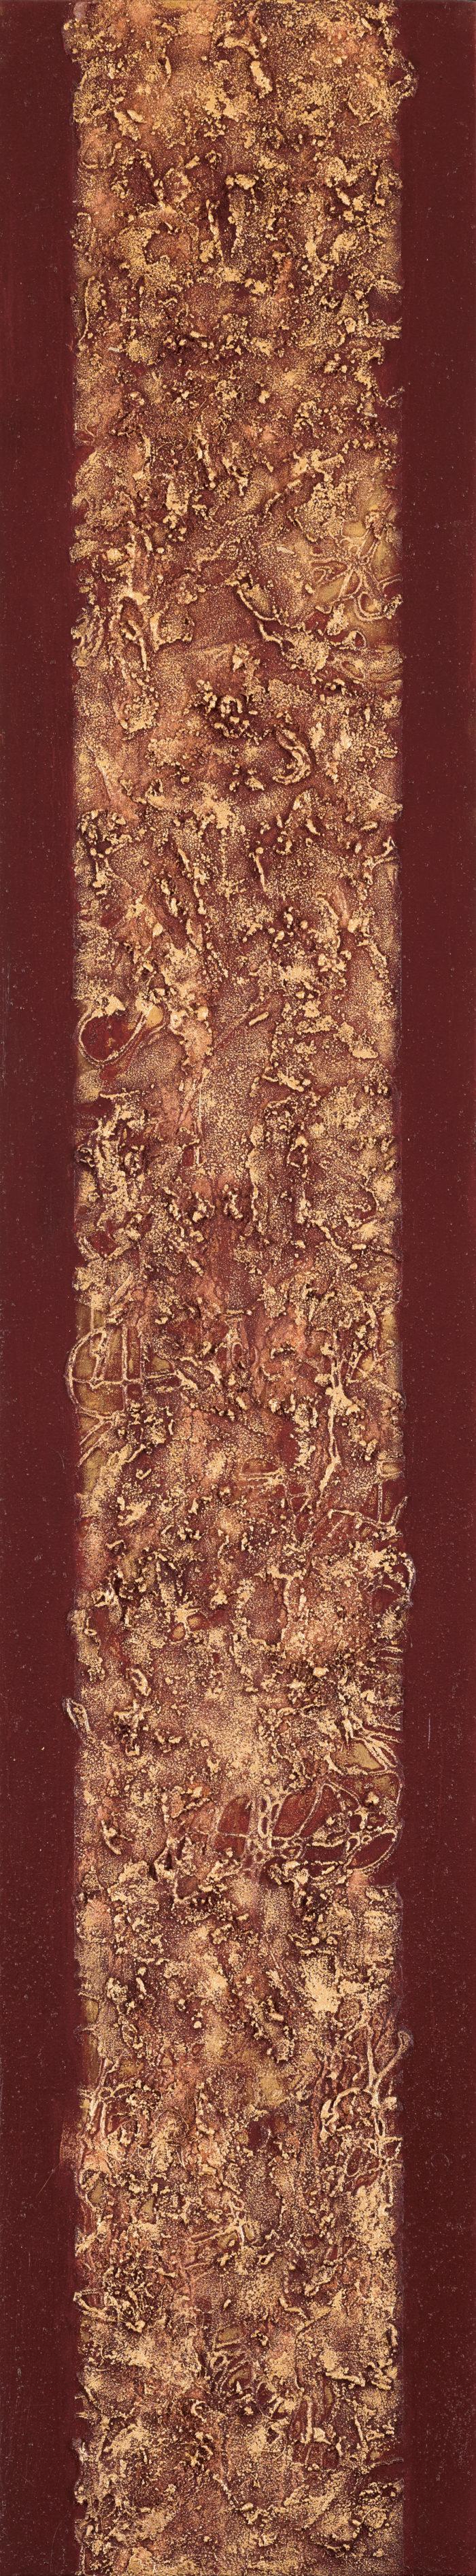 Heart Sutra A (2015) 162cm x 30cm